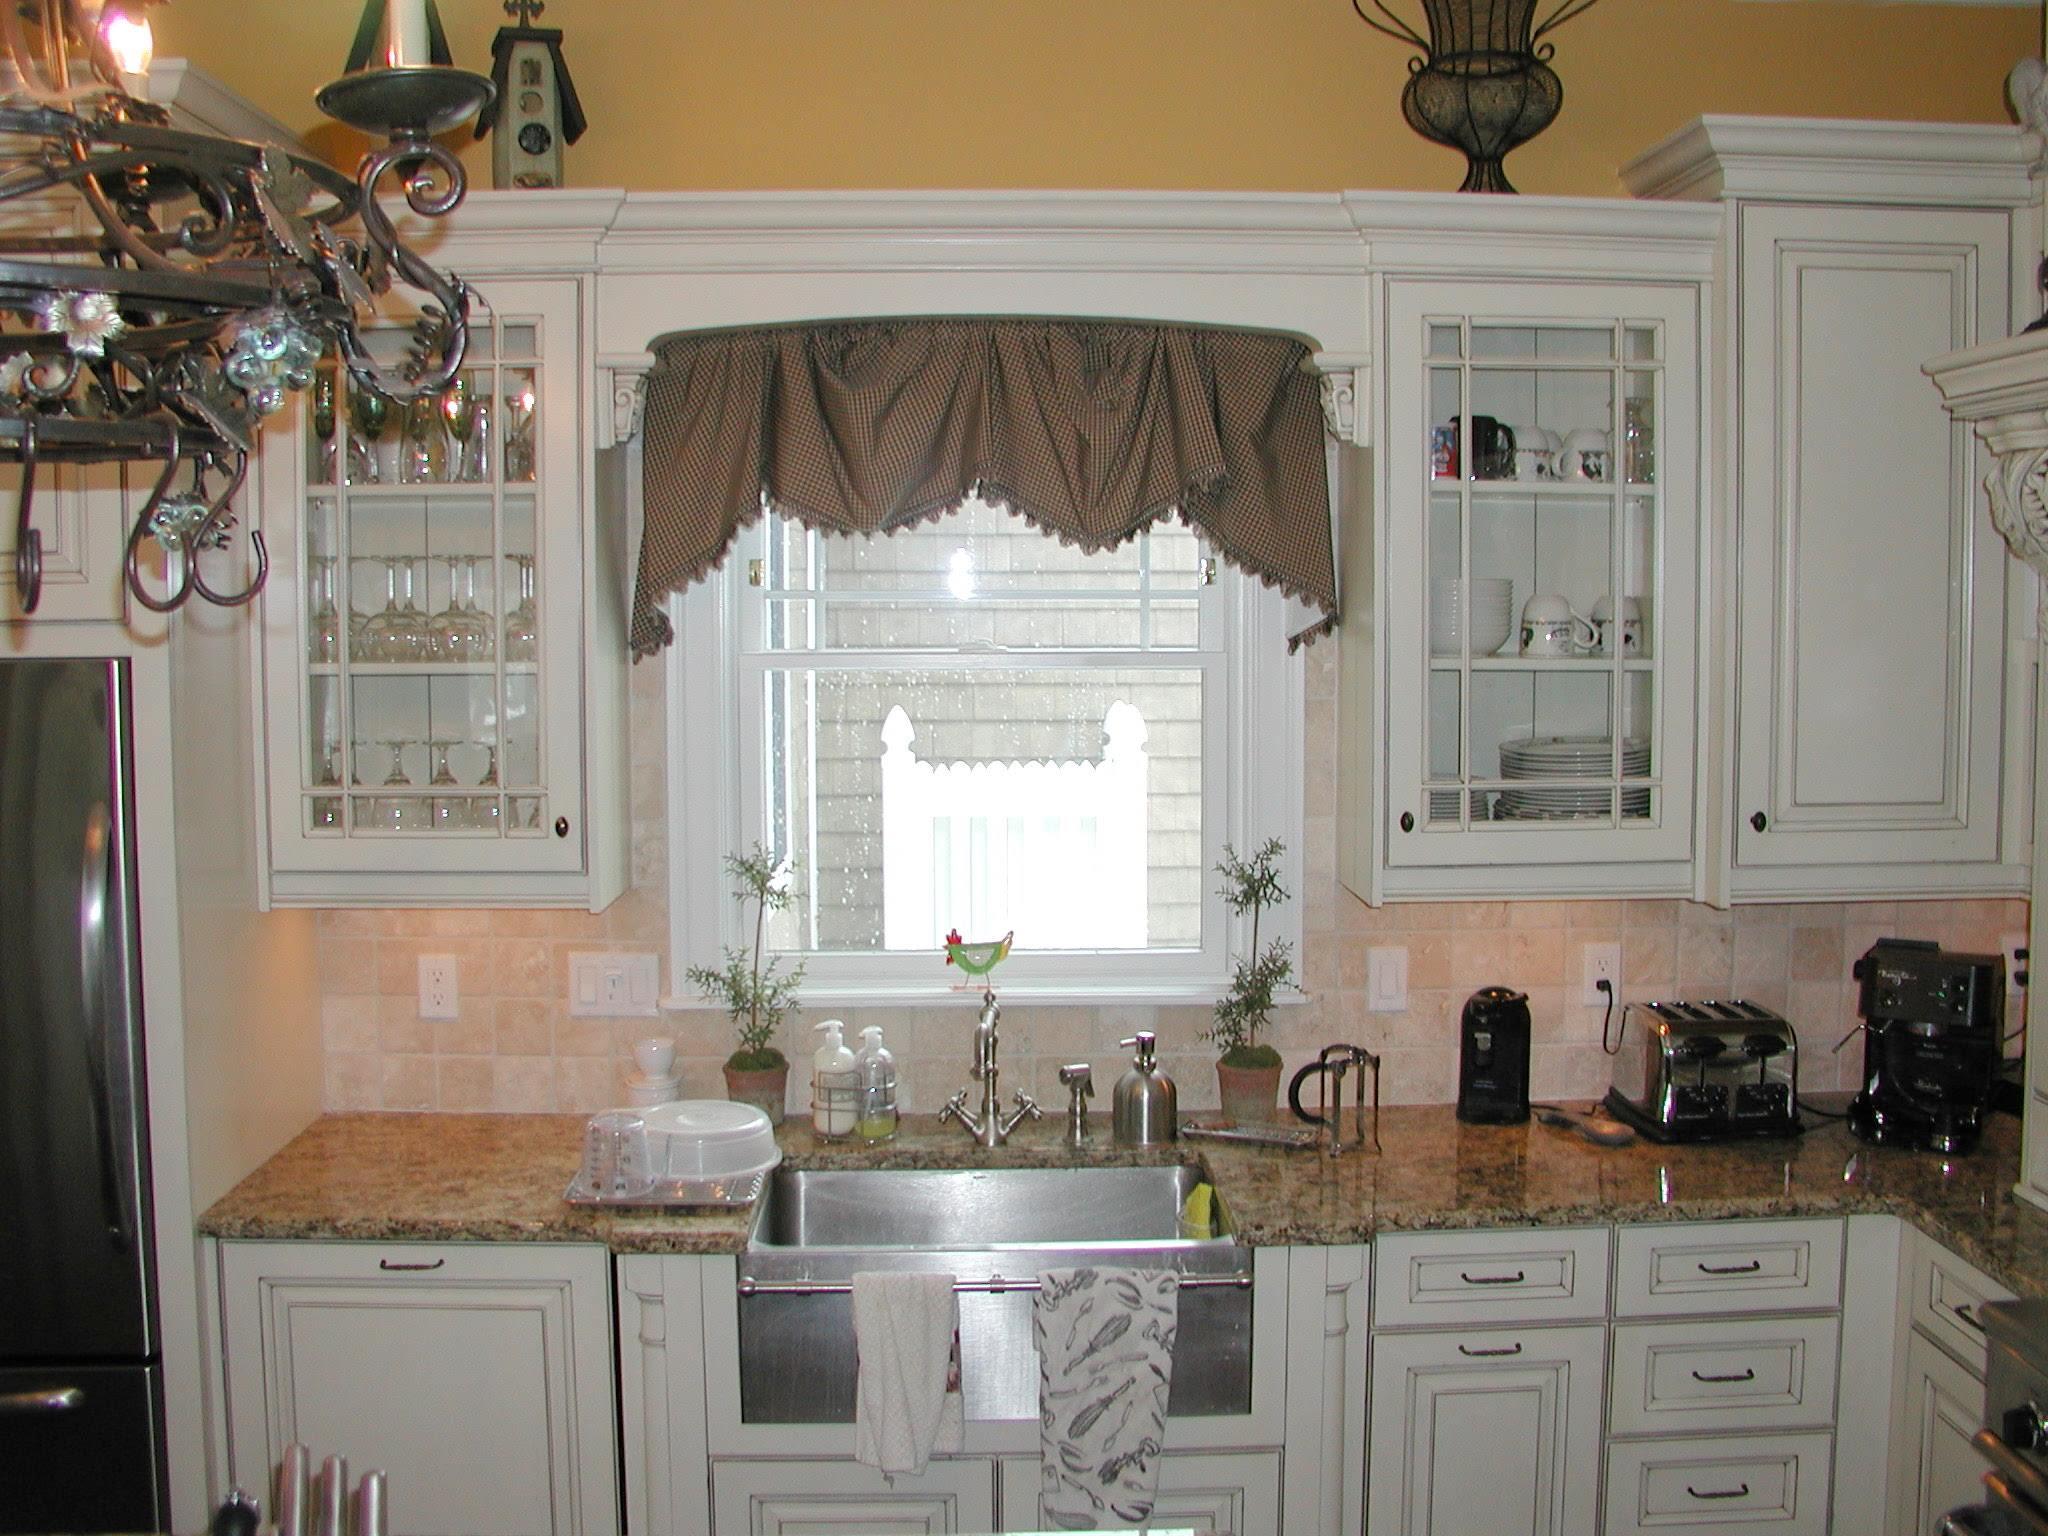 https://0201.nccdn.net/1_2/000/000/178/bb9/kitchen-s3.png